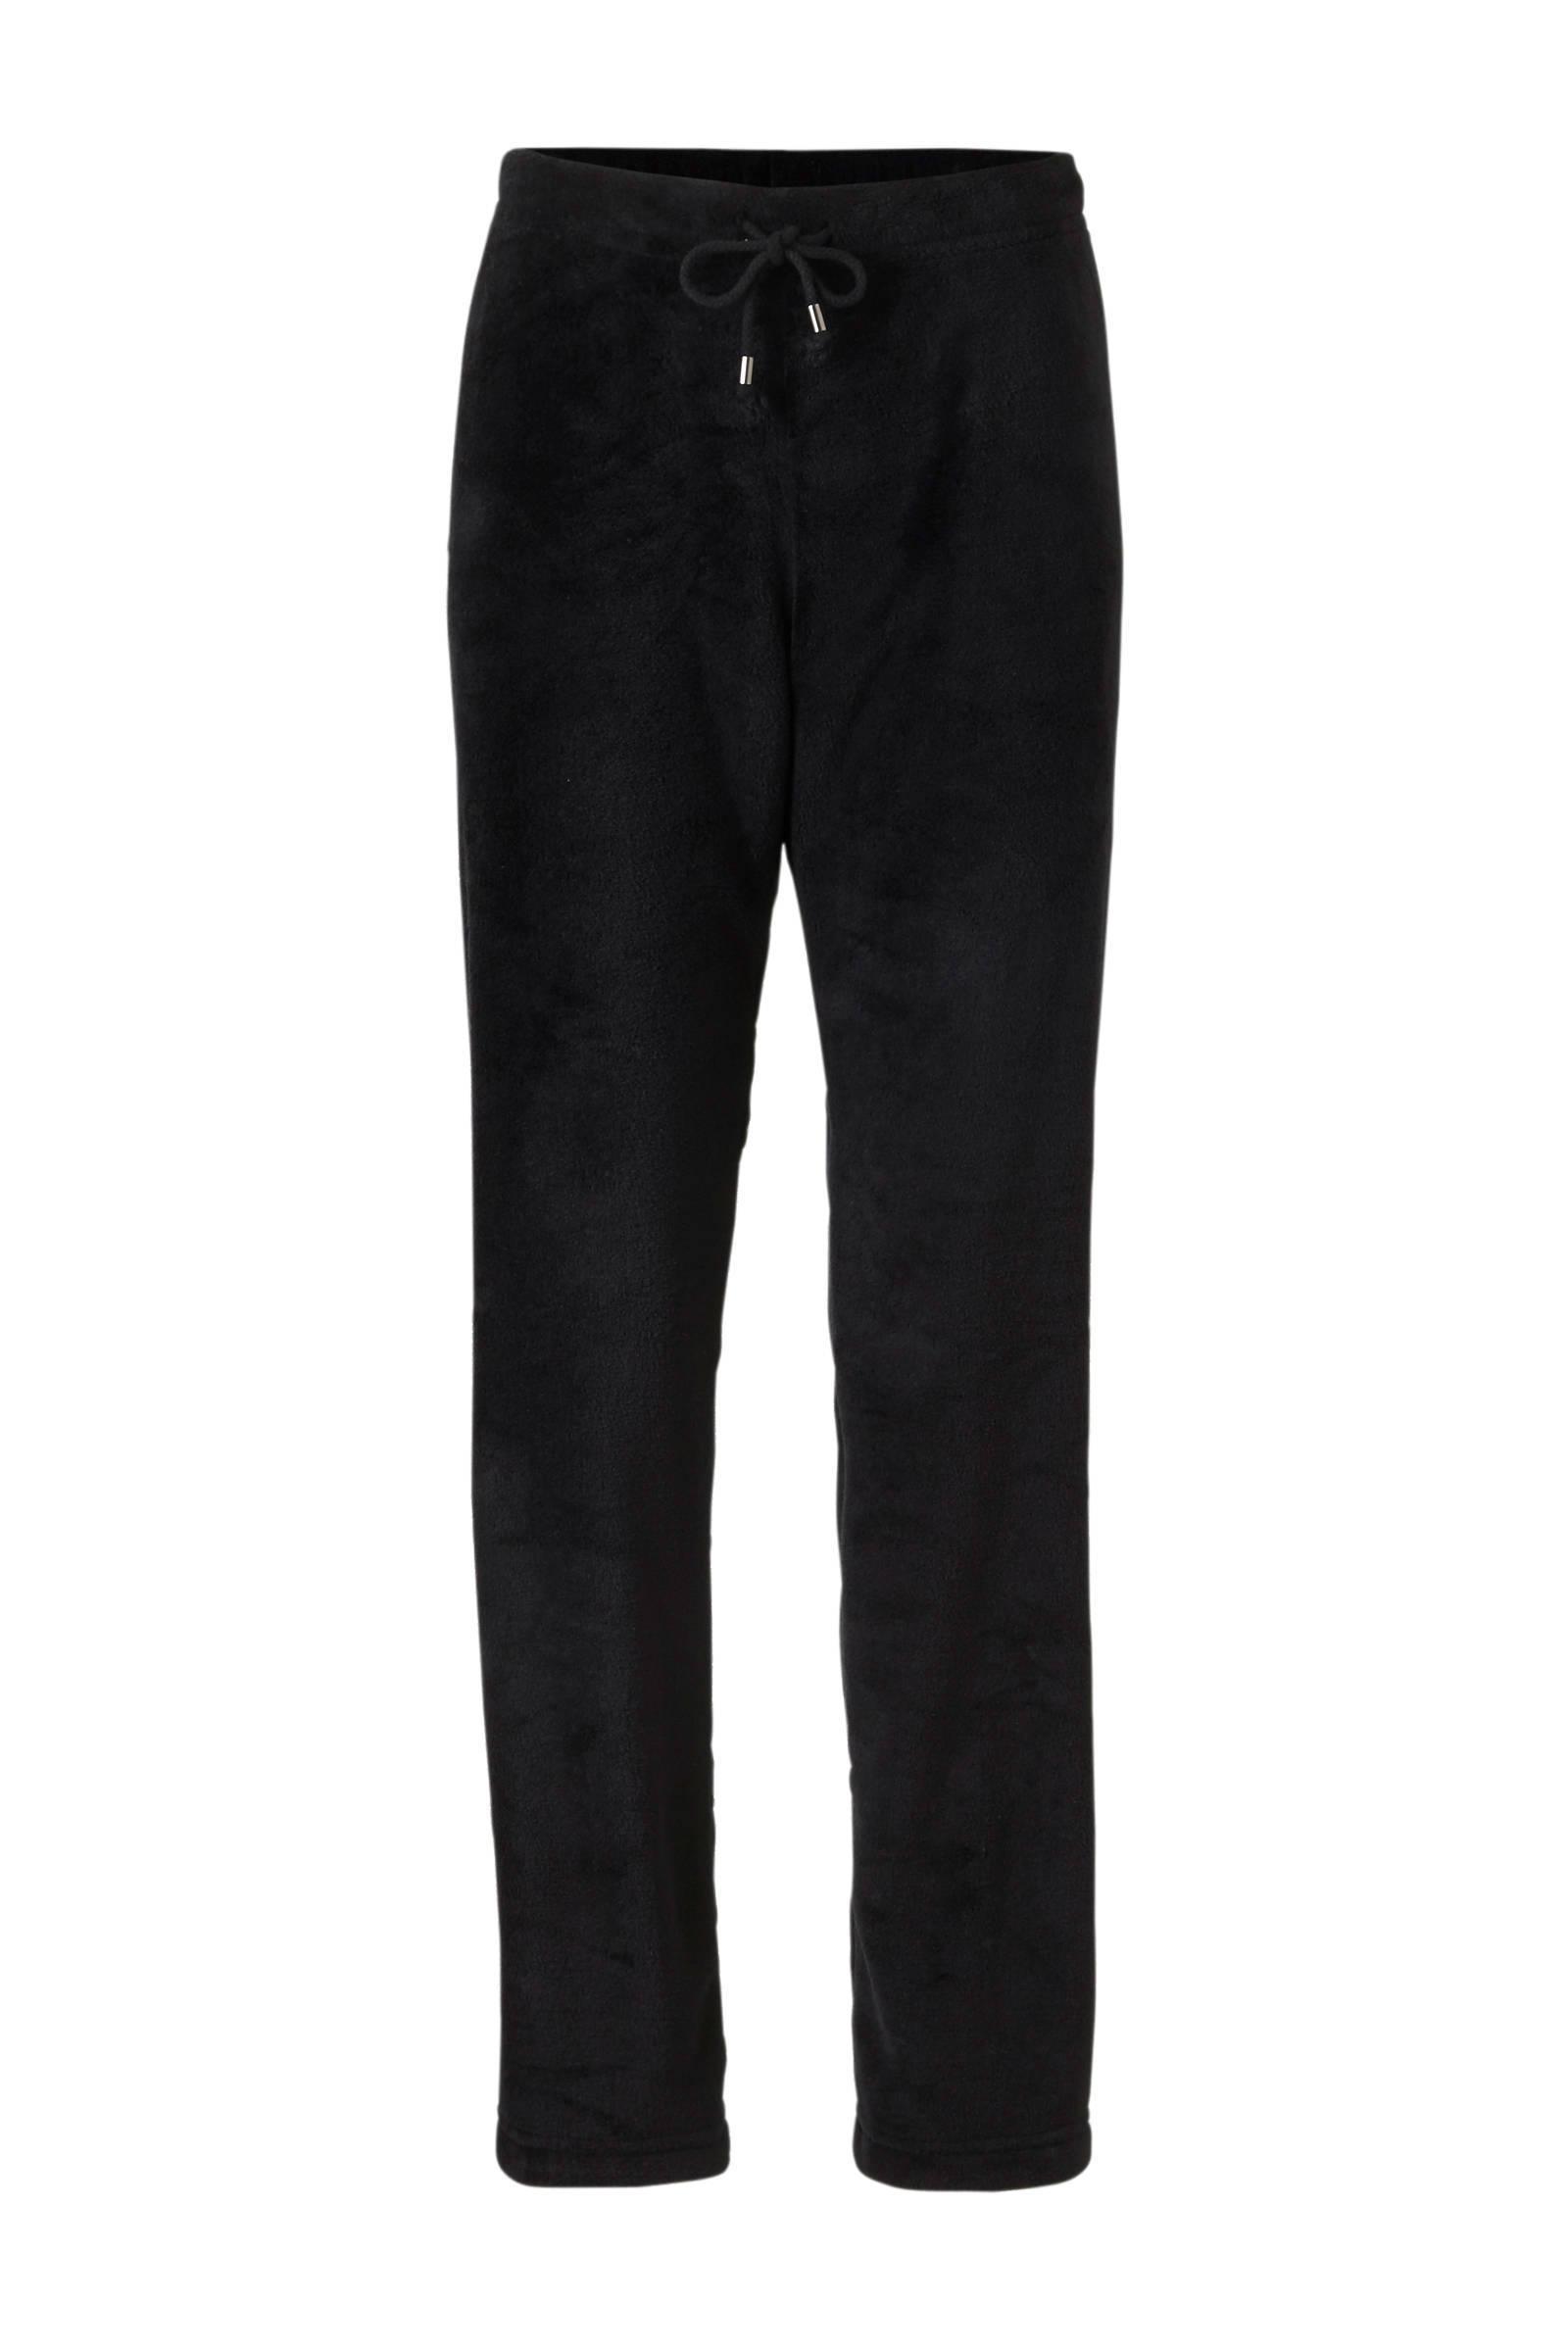 9a7b39a85f5 Pastunette fleece huispak grijs/zwart | wehkamp